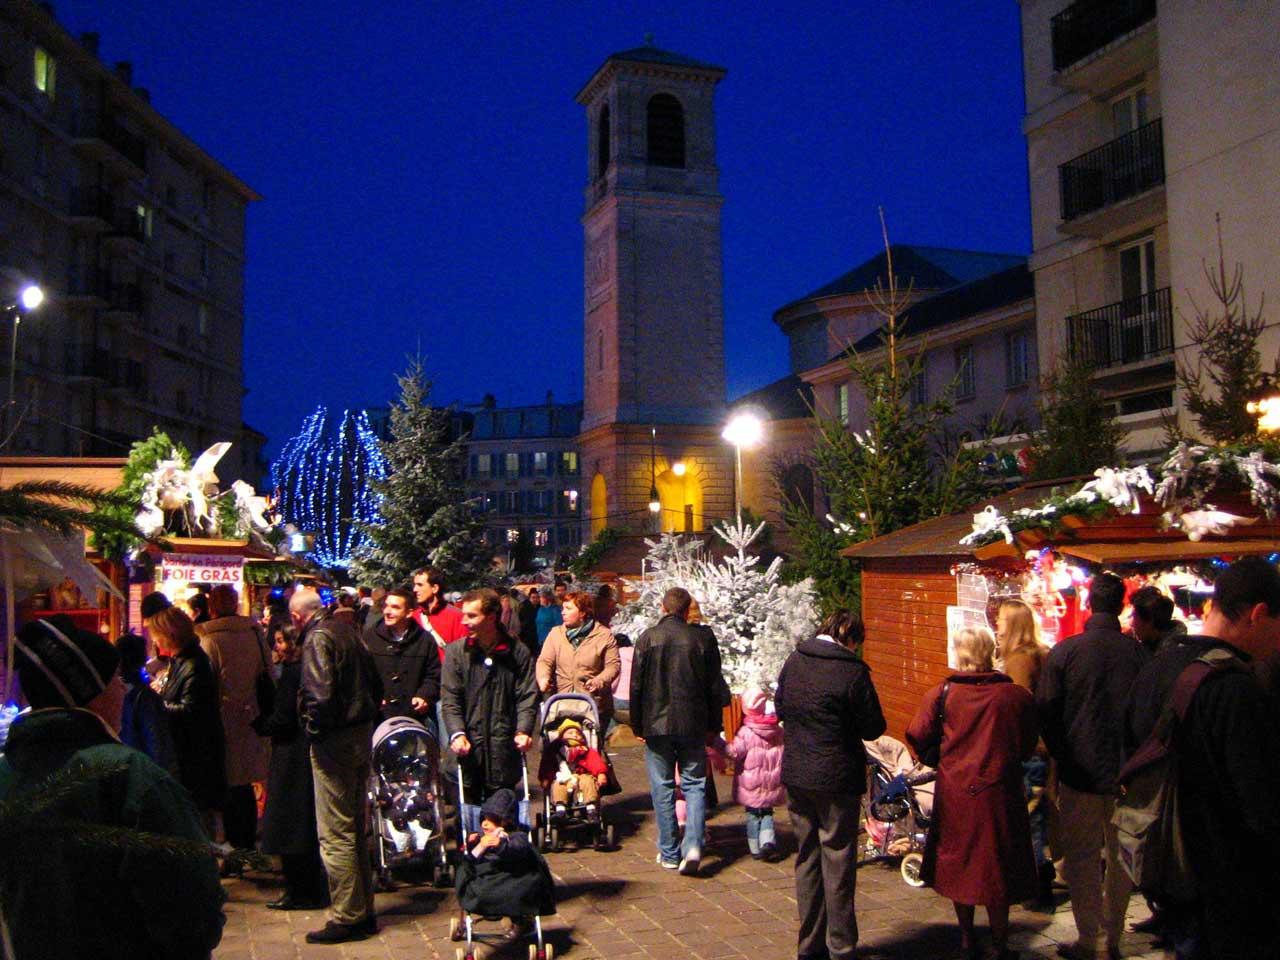 Le marché de Noël de Saint-Germain-des-Prés